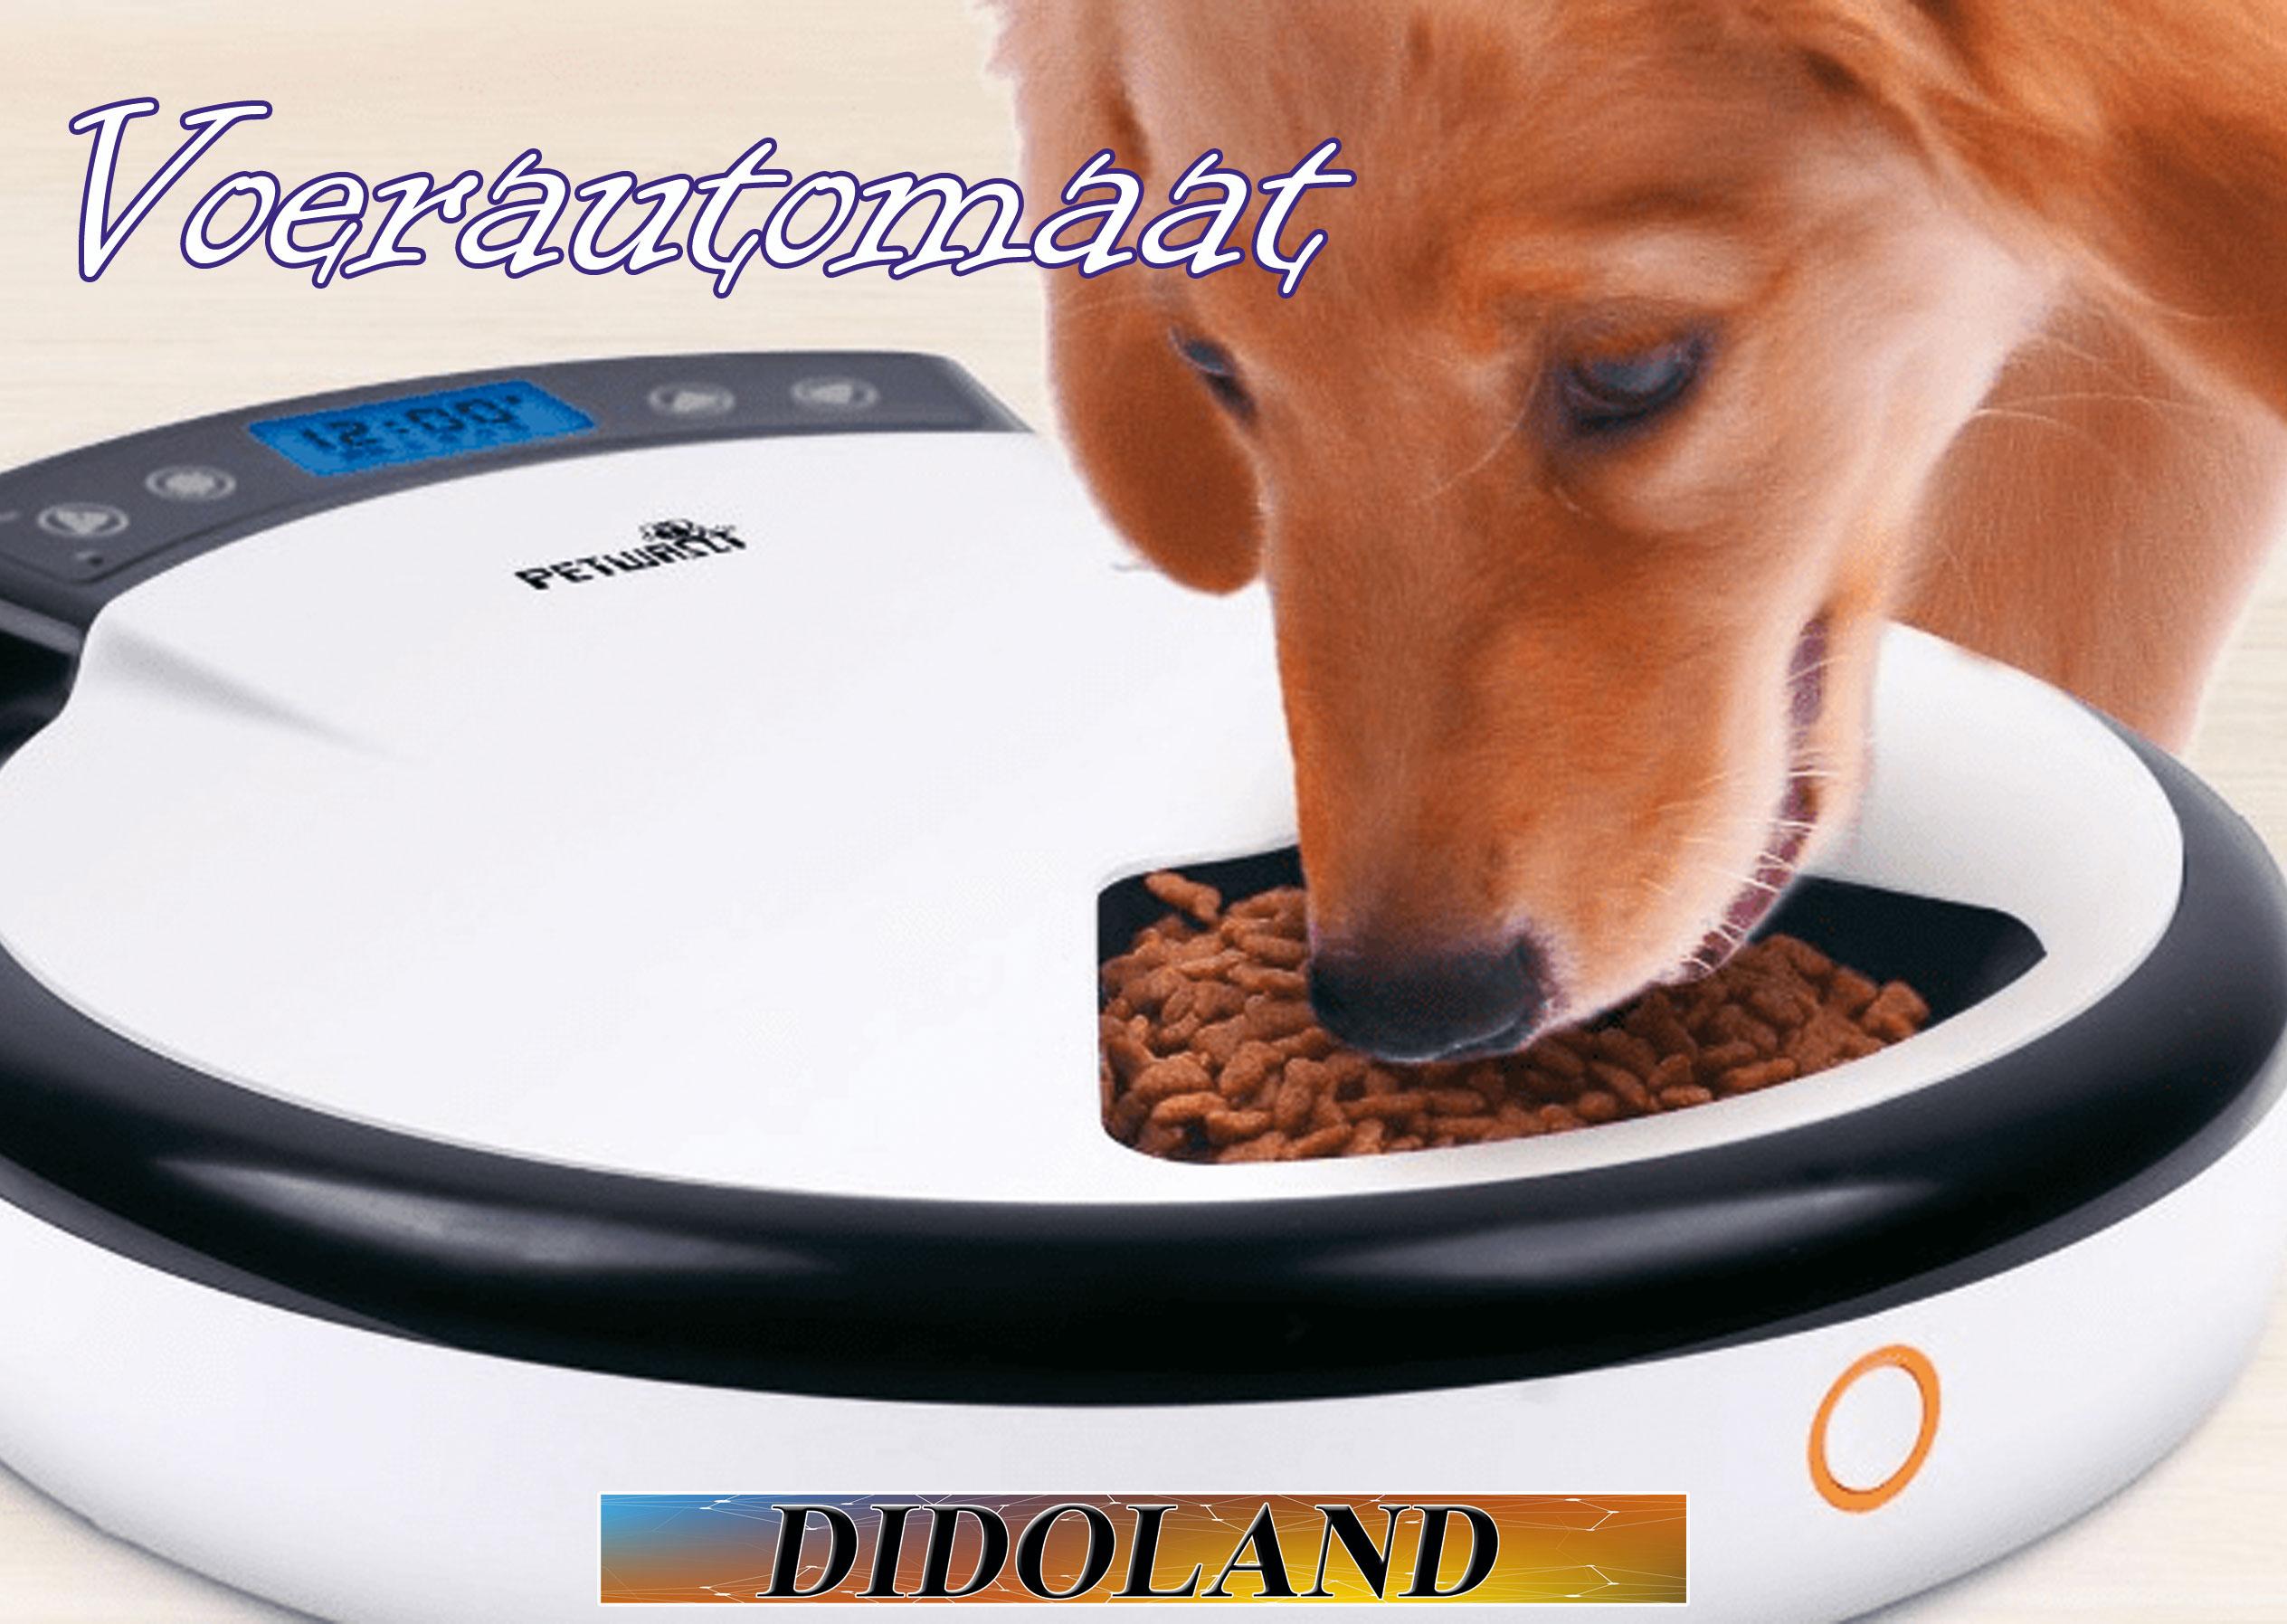 Voerautomaat in Alles voor honden